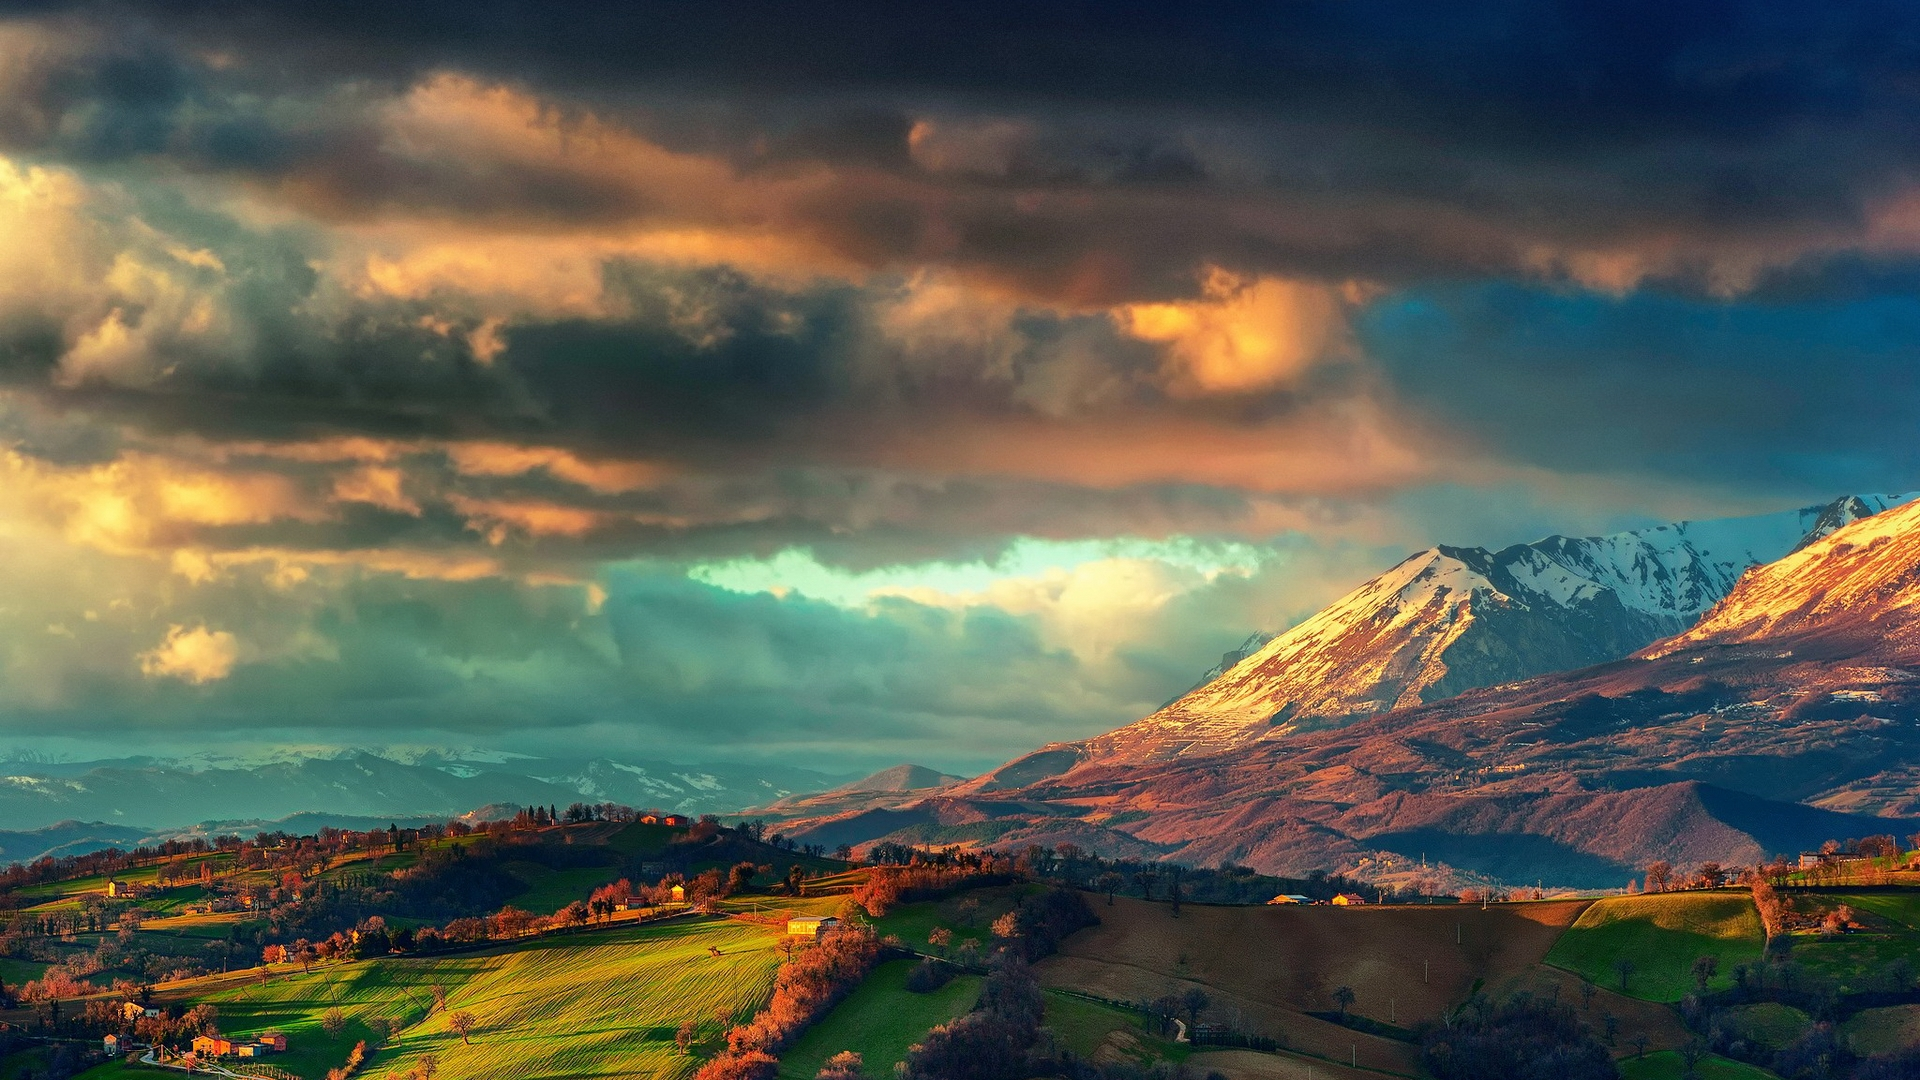 Hd wallpaper landscape - Vivid Landscapes Wallpaper Hd Wallpapers